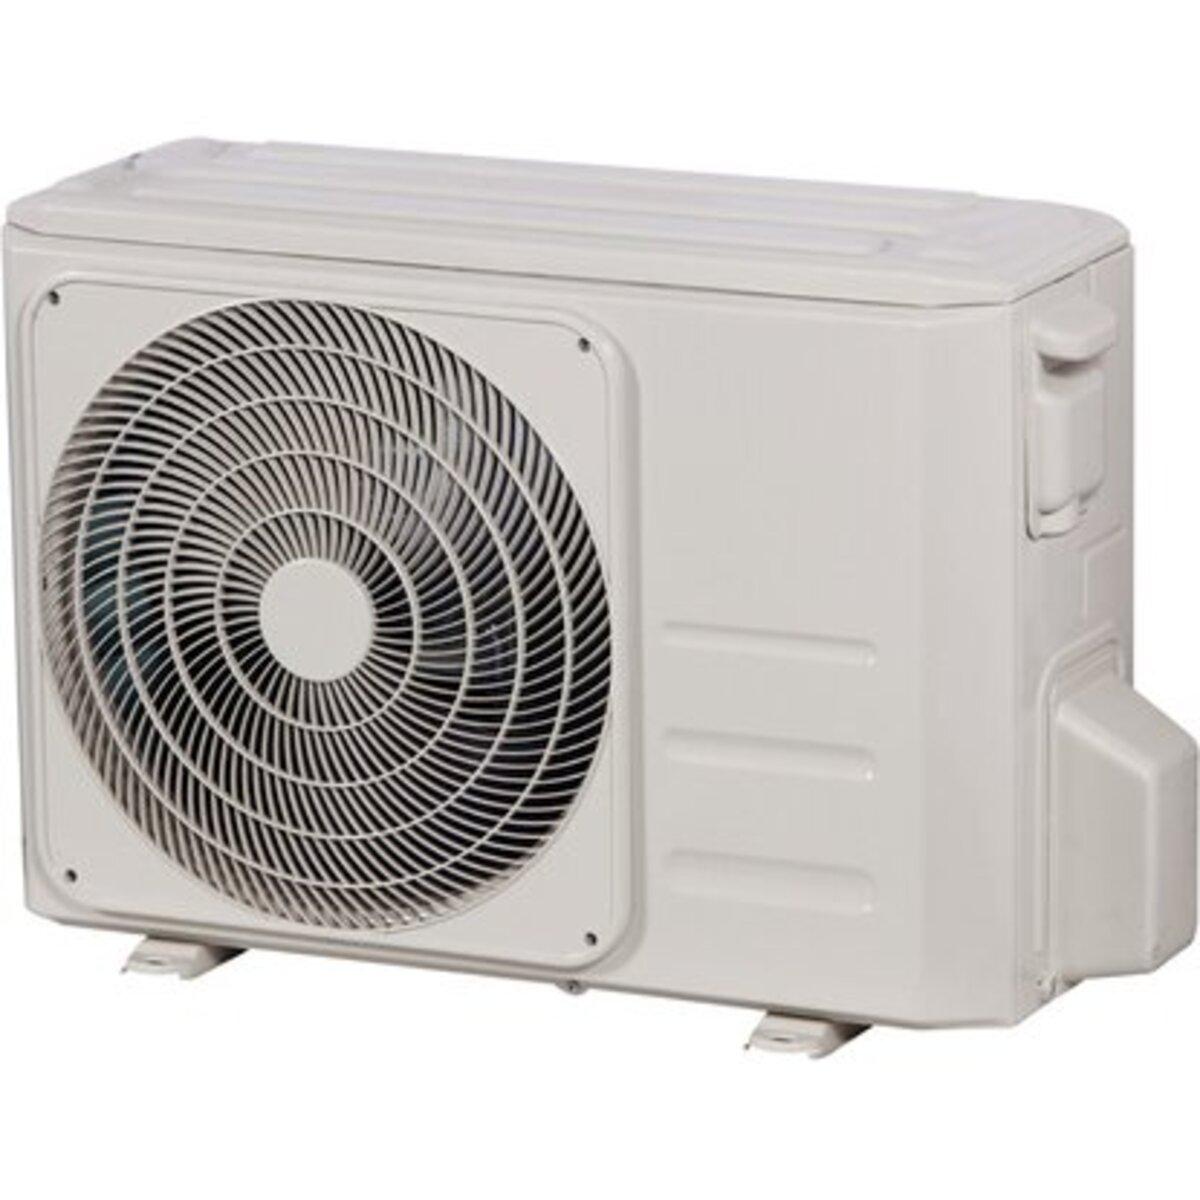 Bild 3 von Comfee Split-Klimagerät 4,6 kW 16.000 BTU EEK: A++